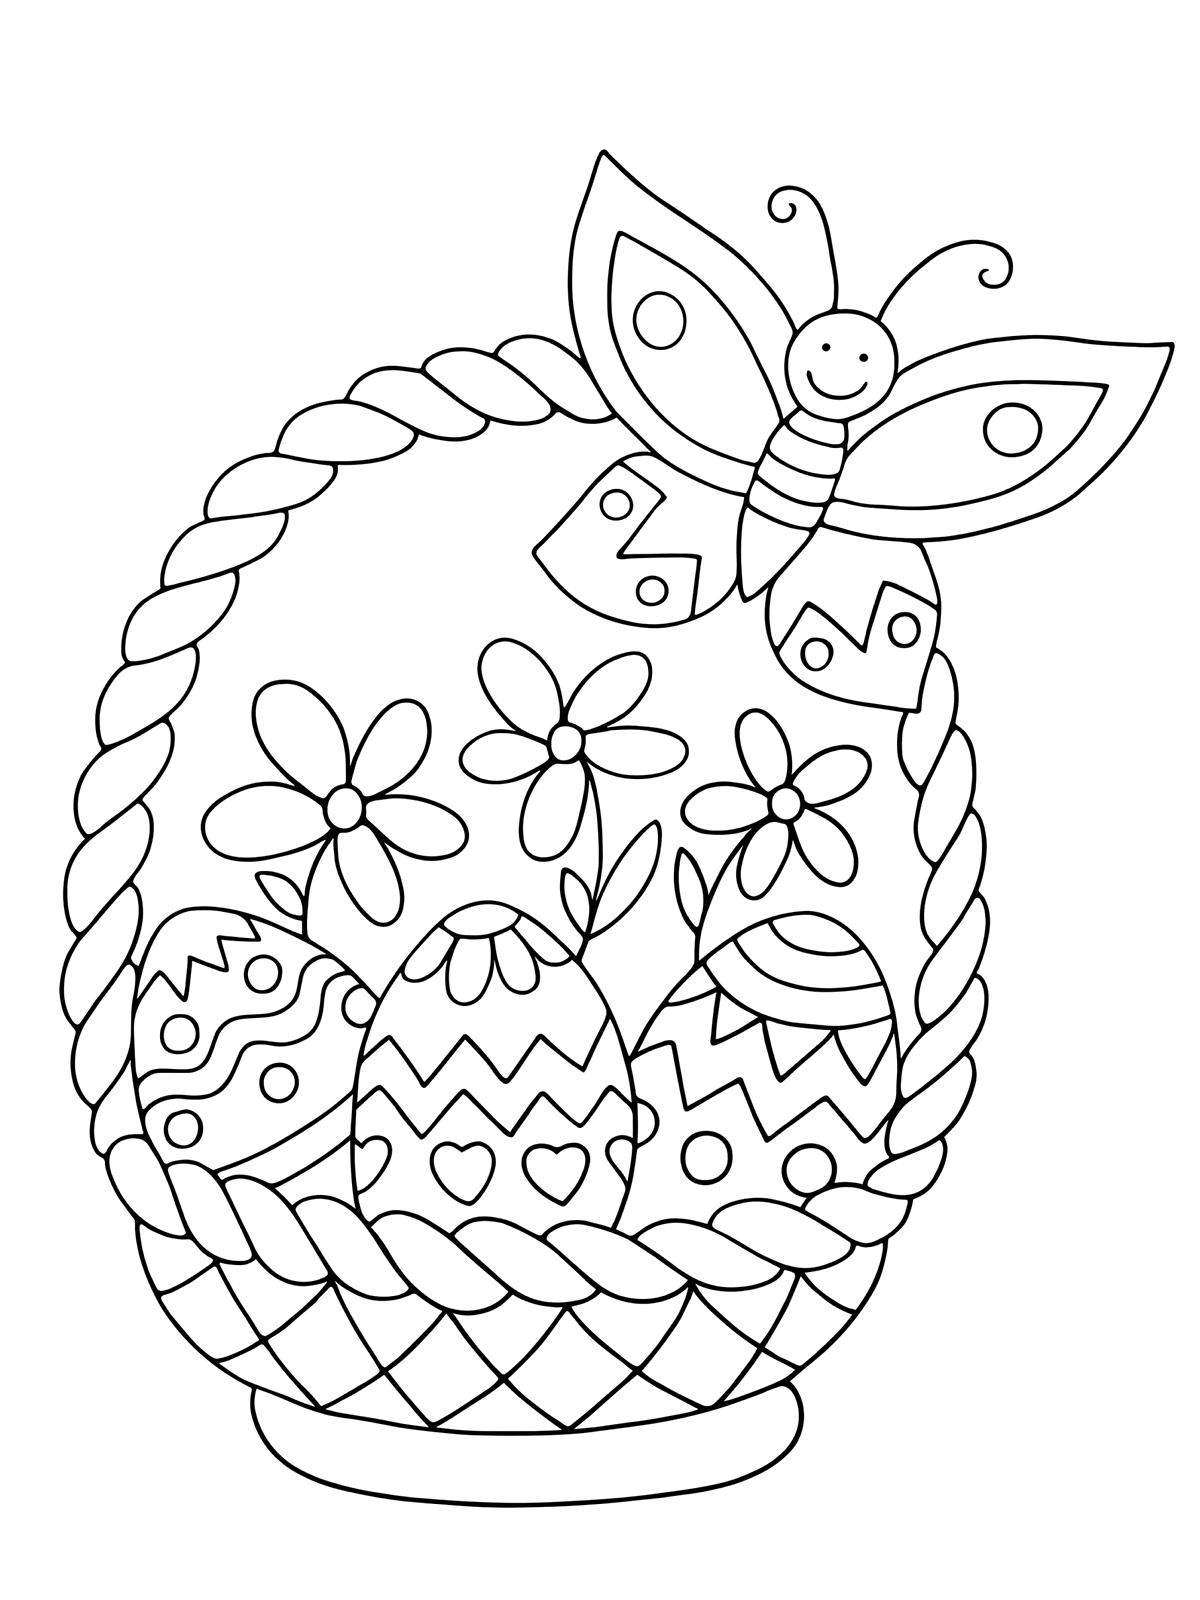 Раскраска Милая корзинка с крашенками